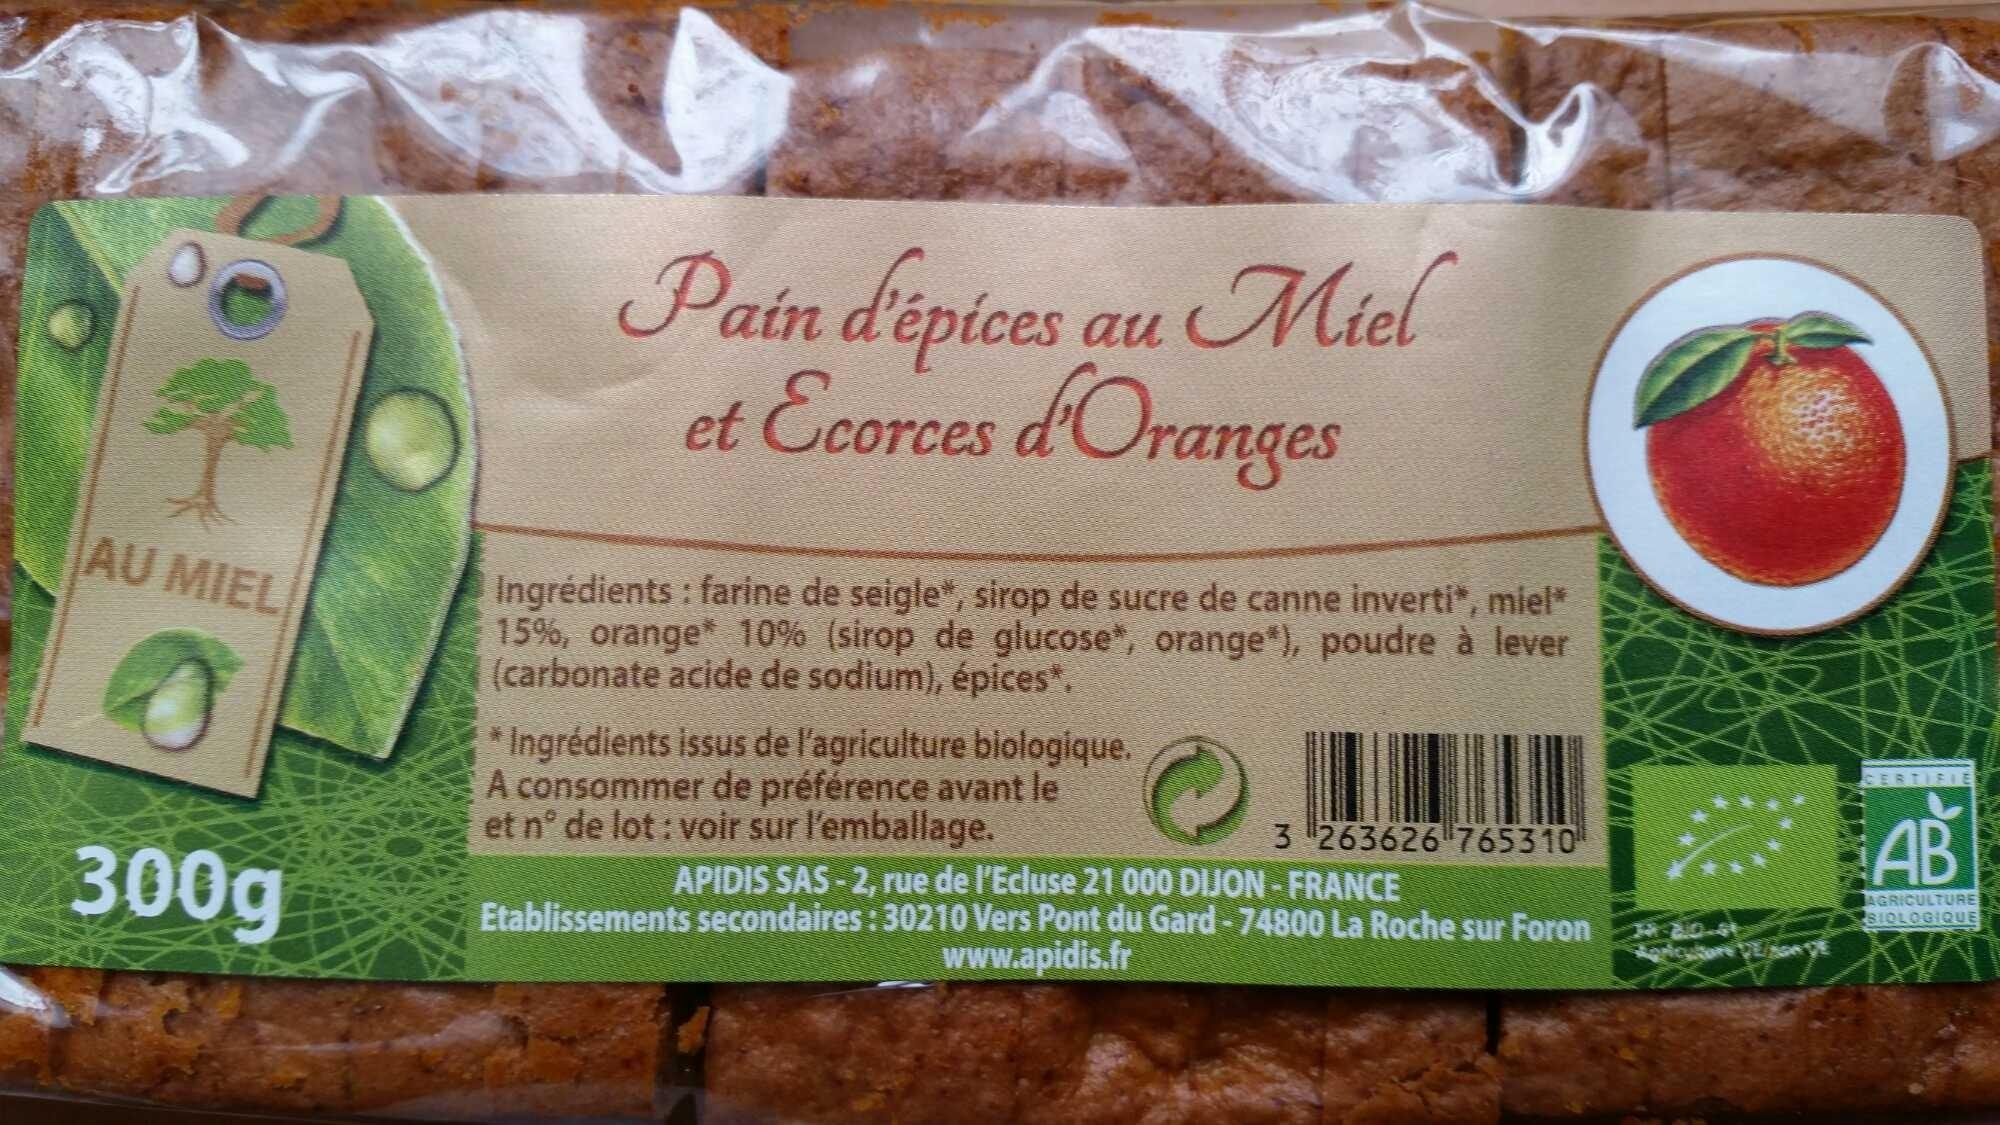 Pain d'épices au miel et écorces d'oranges - Product - fr